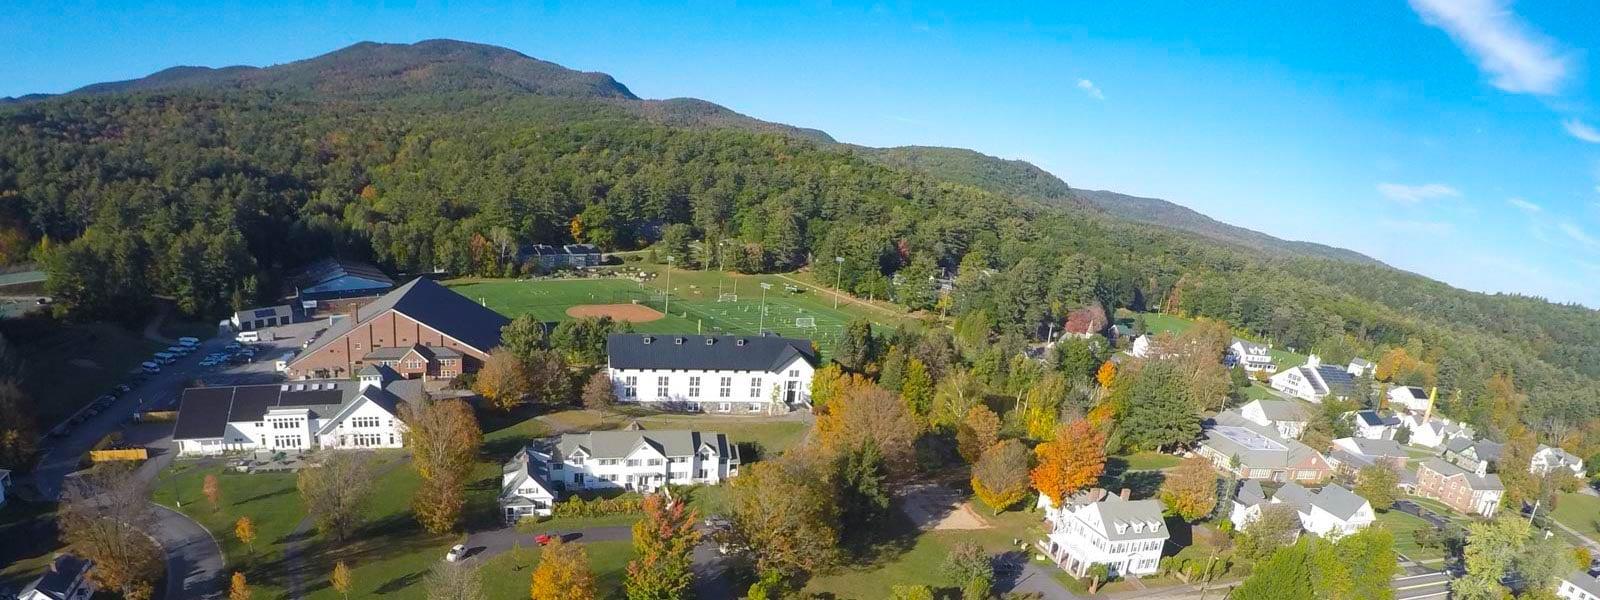 World Village Drone 2017